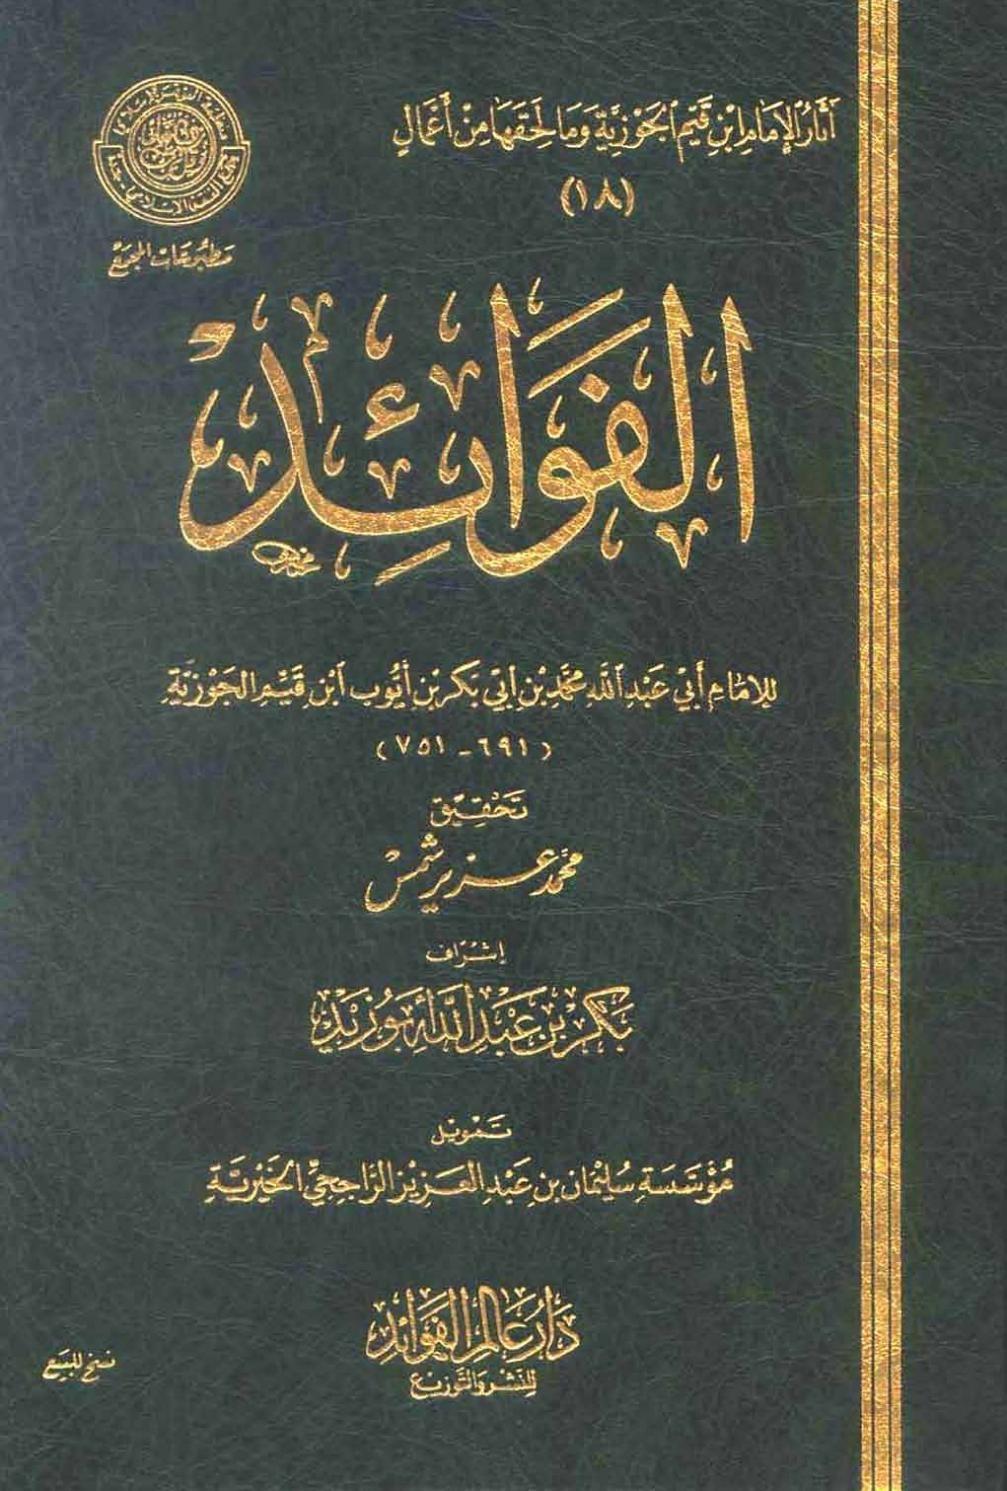 الفوائد آثار الإمام ابن قيم الجوزية وما لحقها من أعمال Free Text Arabic Books Pdf Books Reading